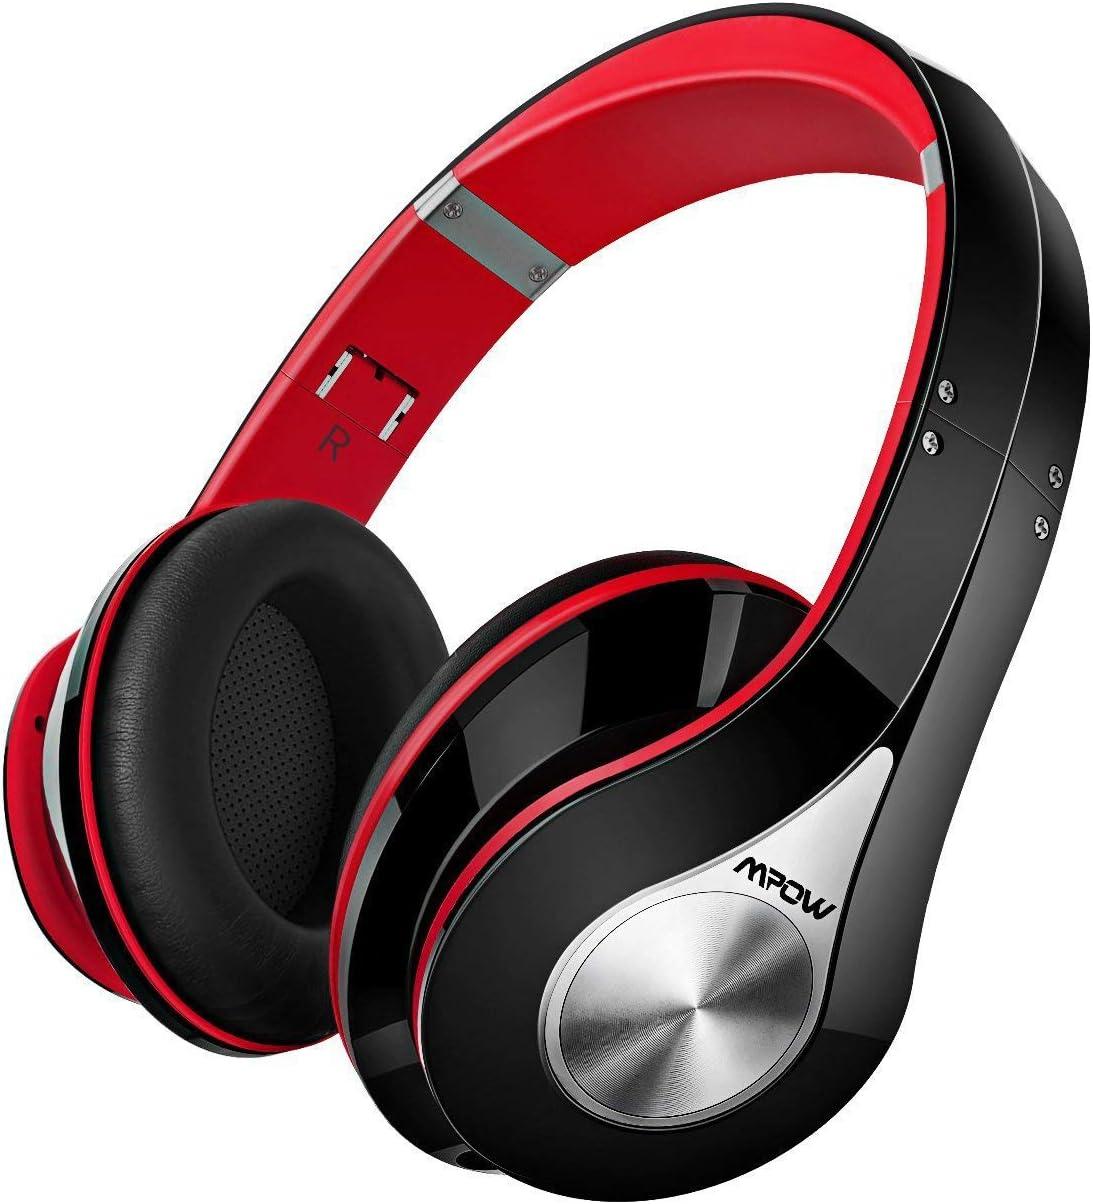 Mpow 059 Auriculares Diadema Bluetooth con Micrófono CVC 6.0, 25 hrs de Reproducir, Sonido Estéreo, Auriculares Diadema Inlámbricoa para TV, Cascos Bluetooth Diadema Plegable para Skype/PC/Móvil, Rojo